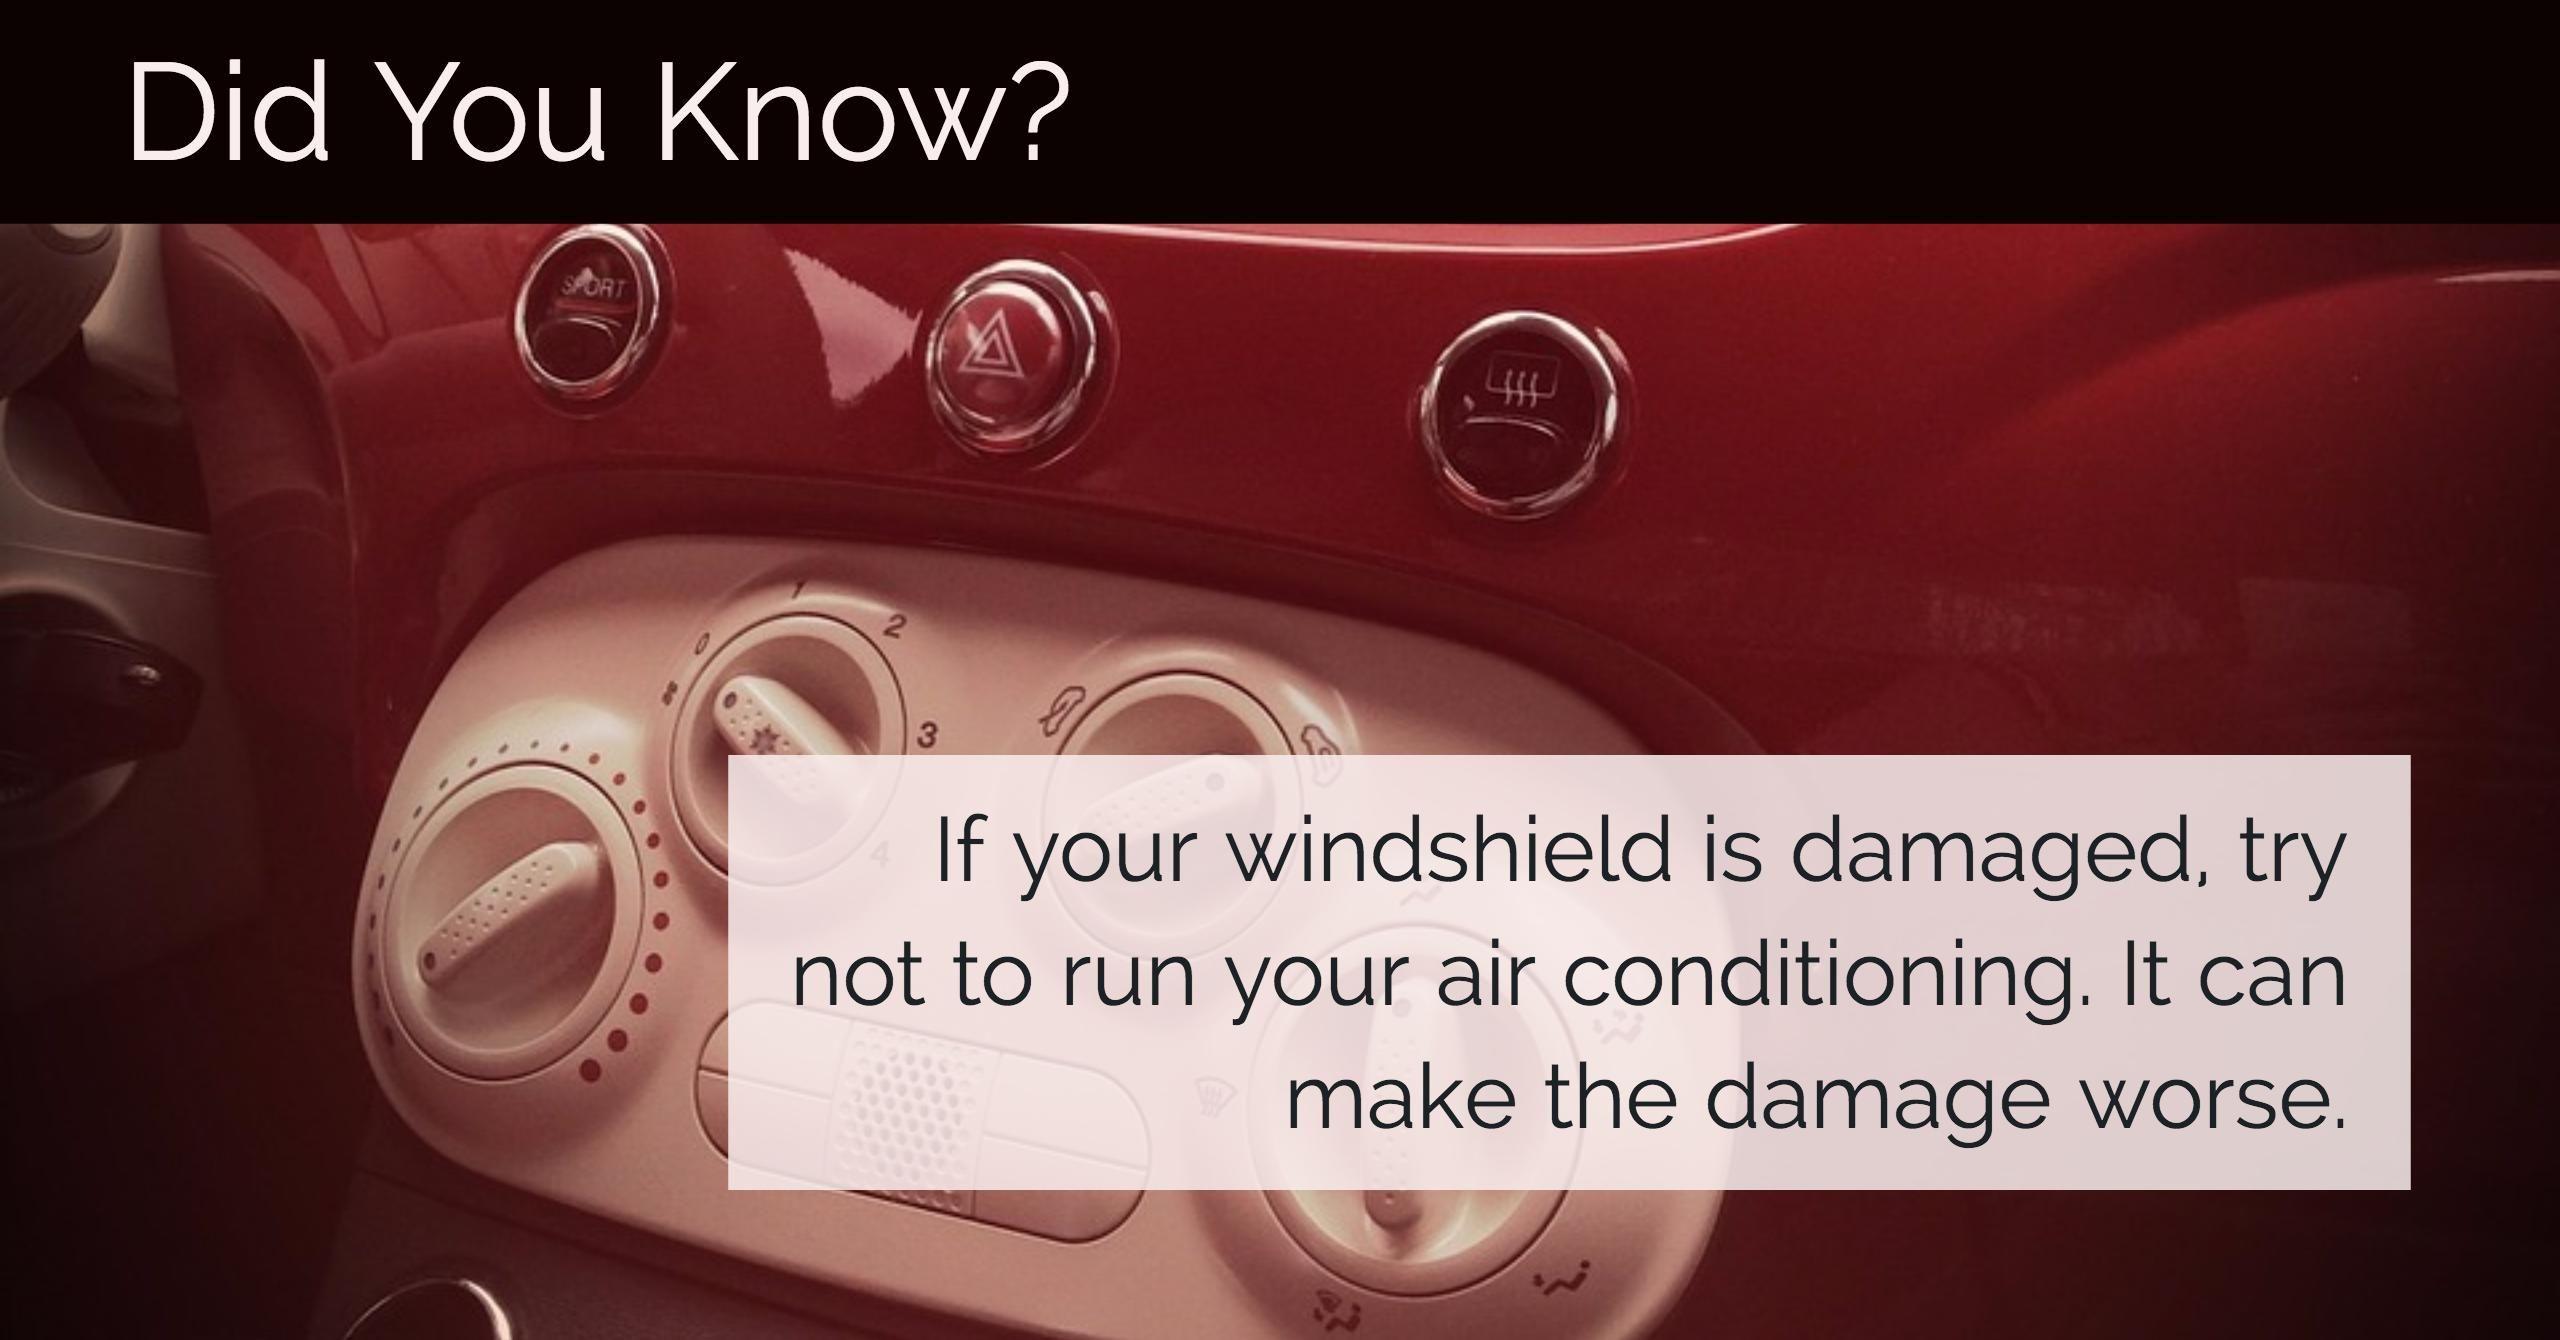 Broken Windshield Tip No Air Conditioning! Windshield